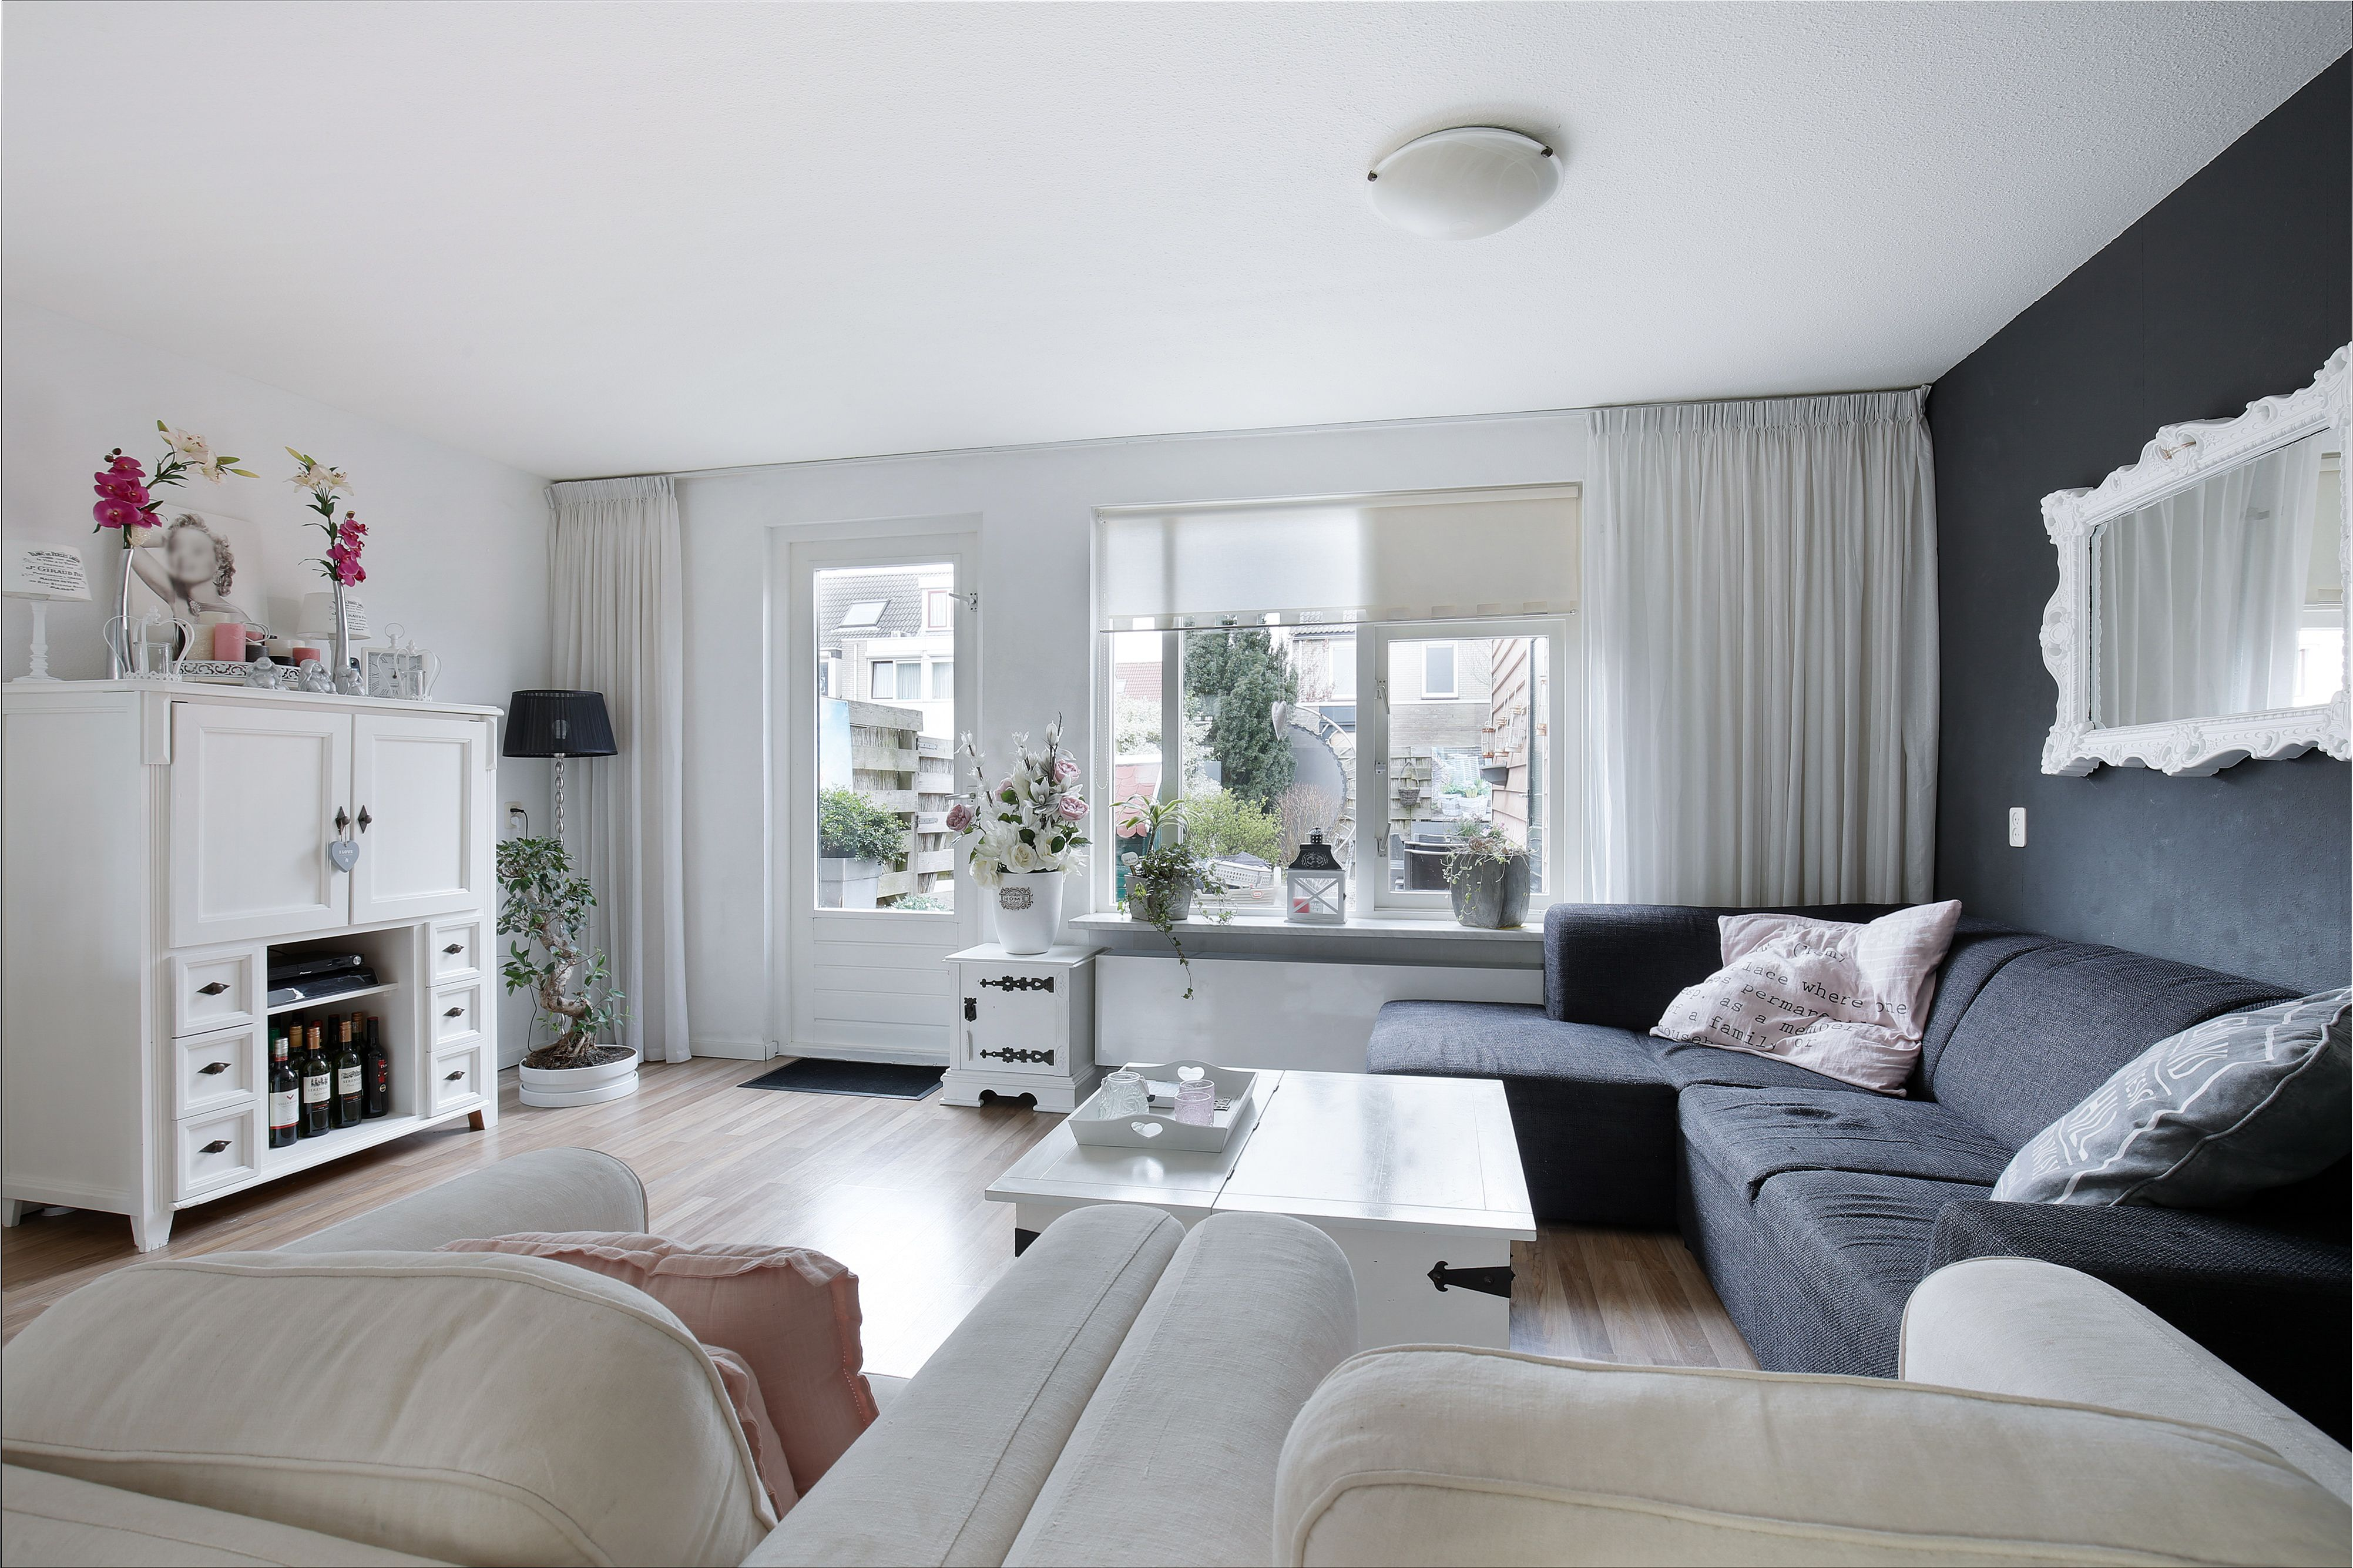 Woonkamer Lichte Kleuren : Sfeervolle woonkamer met donkere en lichte kleuren woonkamers